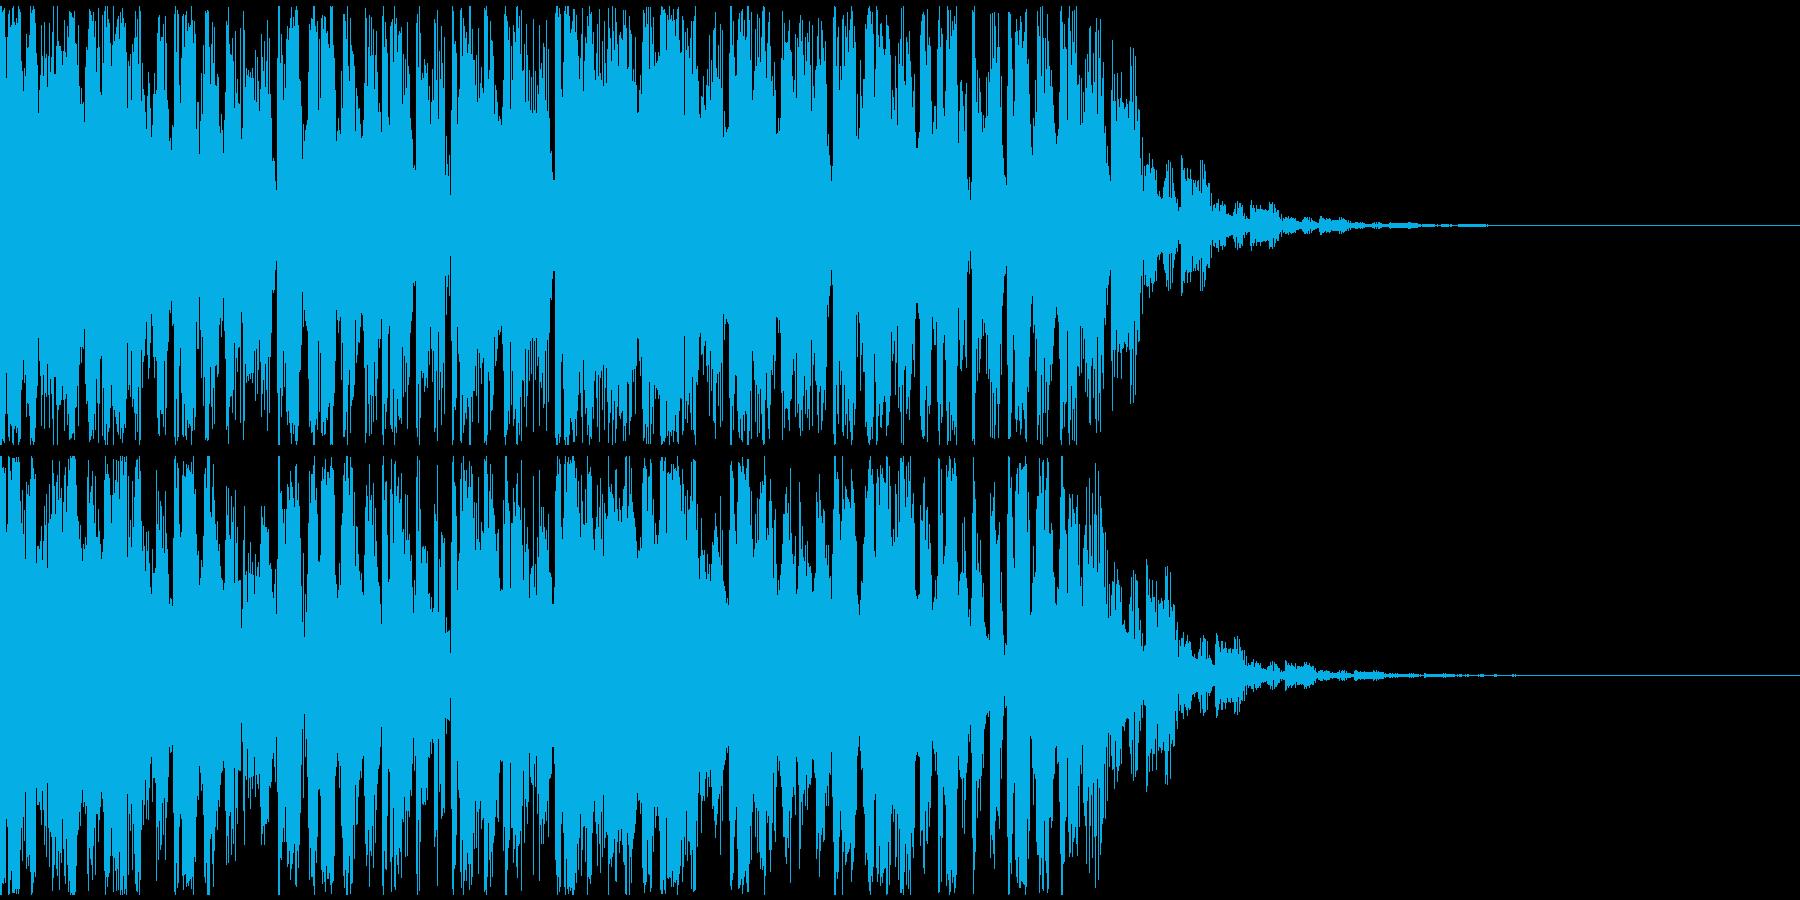 【EDM】トランス、ロング7、ショート3の再生済みの波形